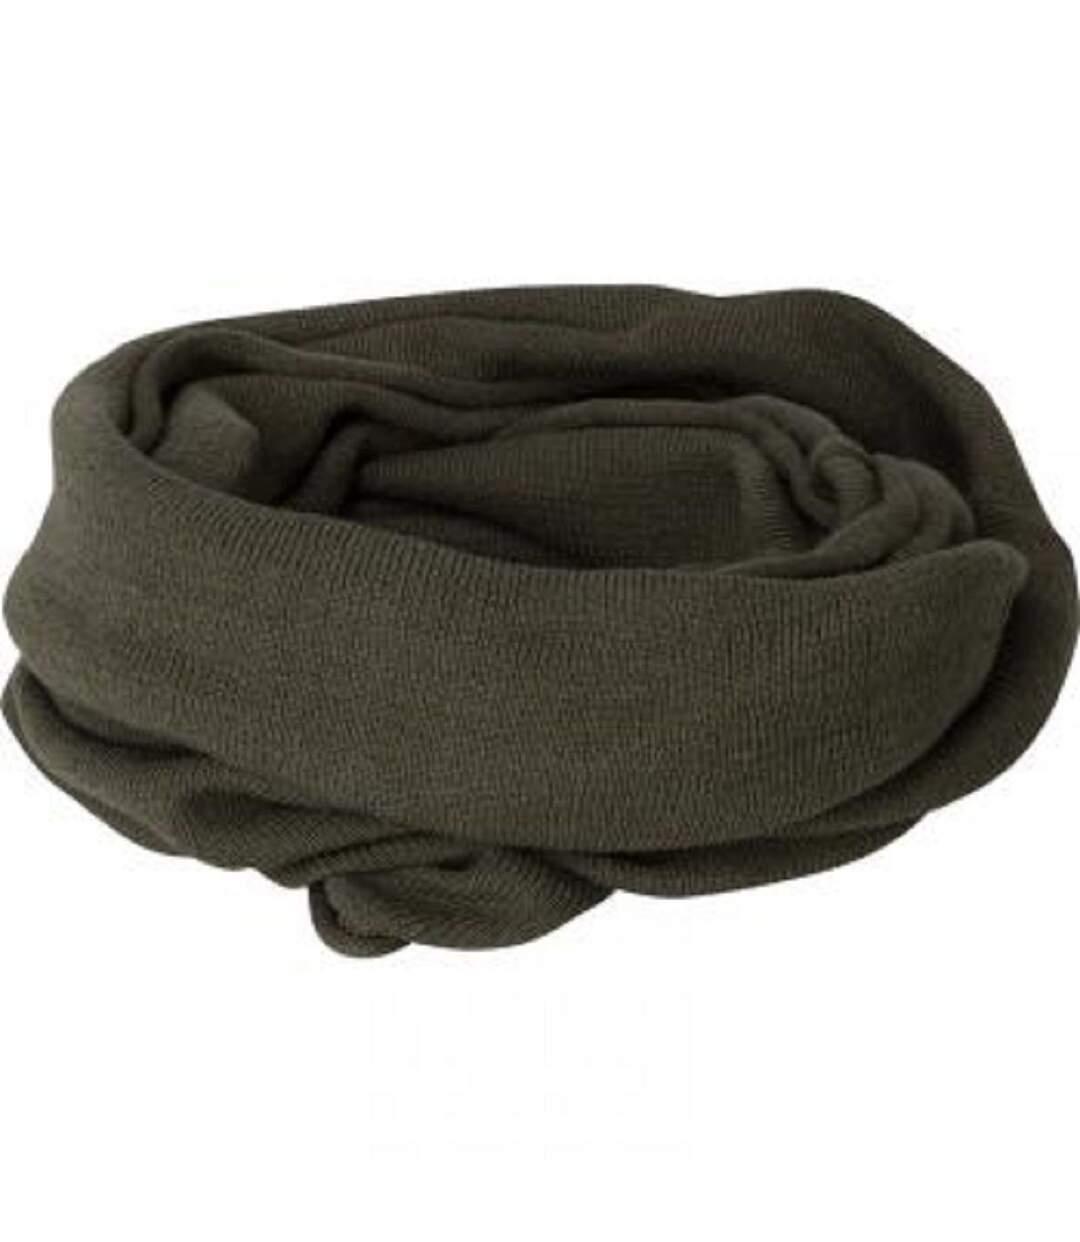 Echarpe - Tour de cou adulte - Taille unique - MB7302 - vert olive